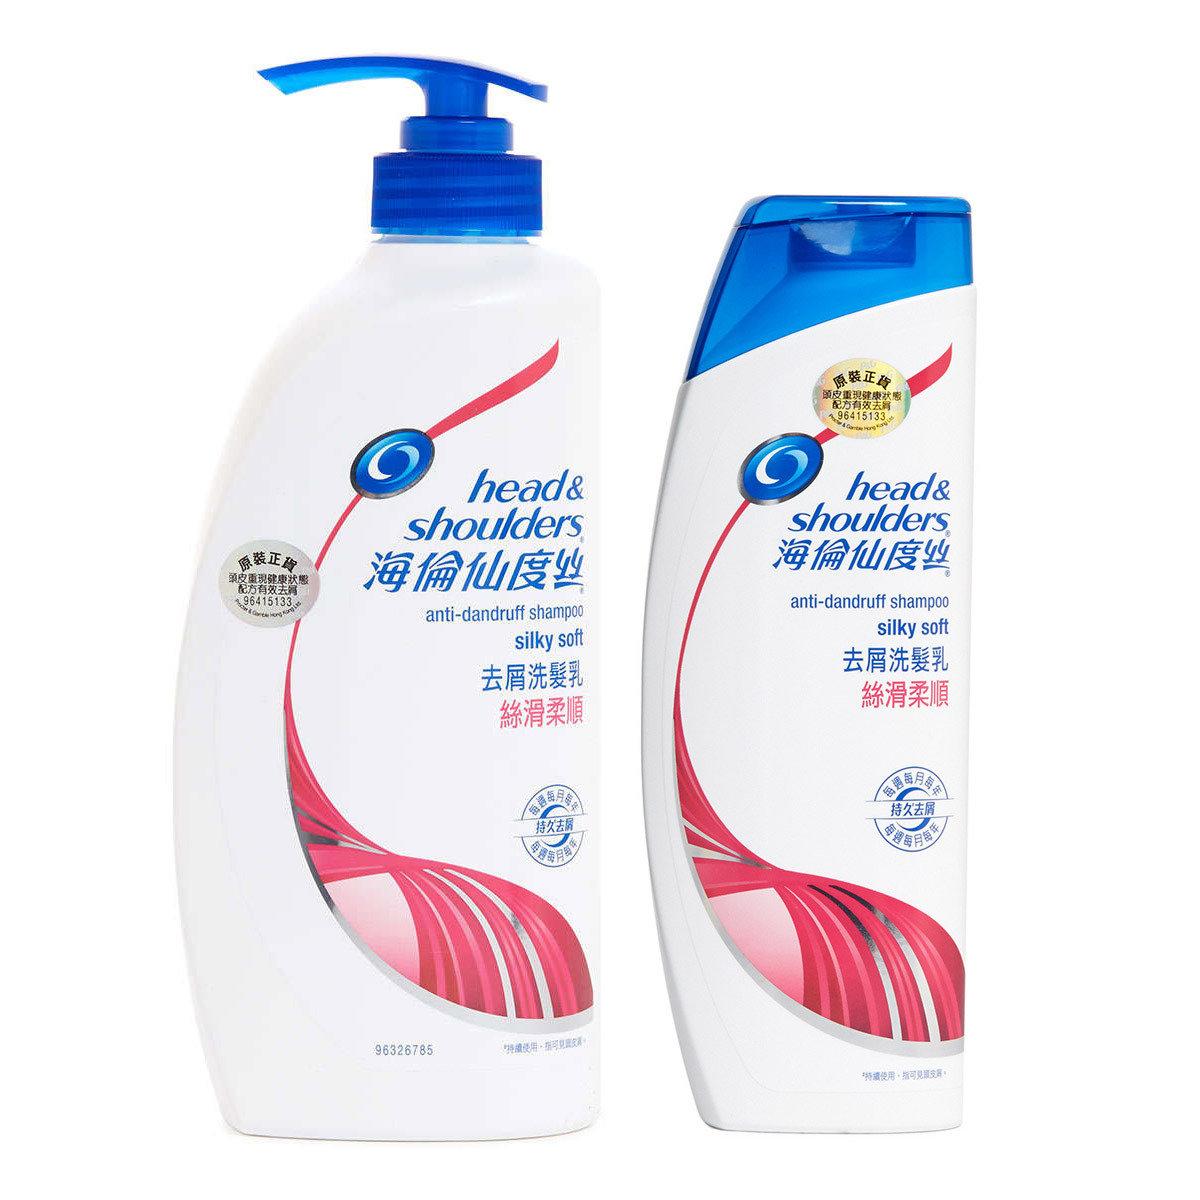 [優惠套裝] 海倫仙度絲去屑洗髮乳絲滑柔順750毫升 + 400毫升